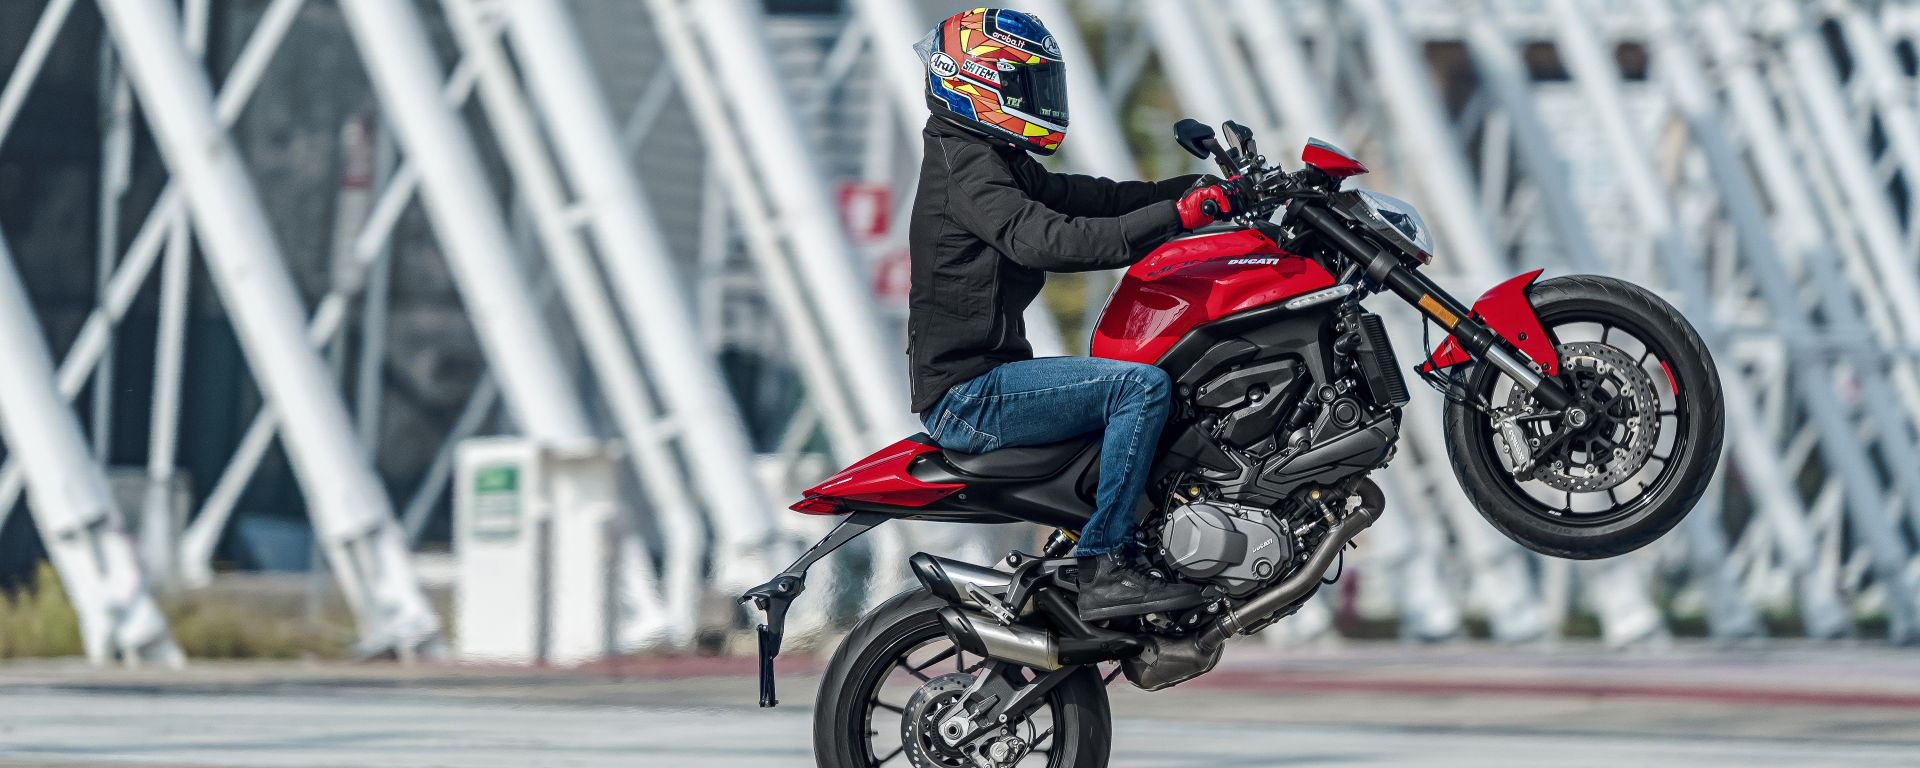 Senza traliccio non è un Ducati Monster! O forse no?